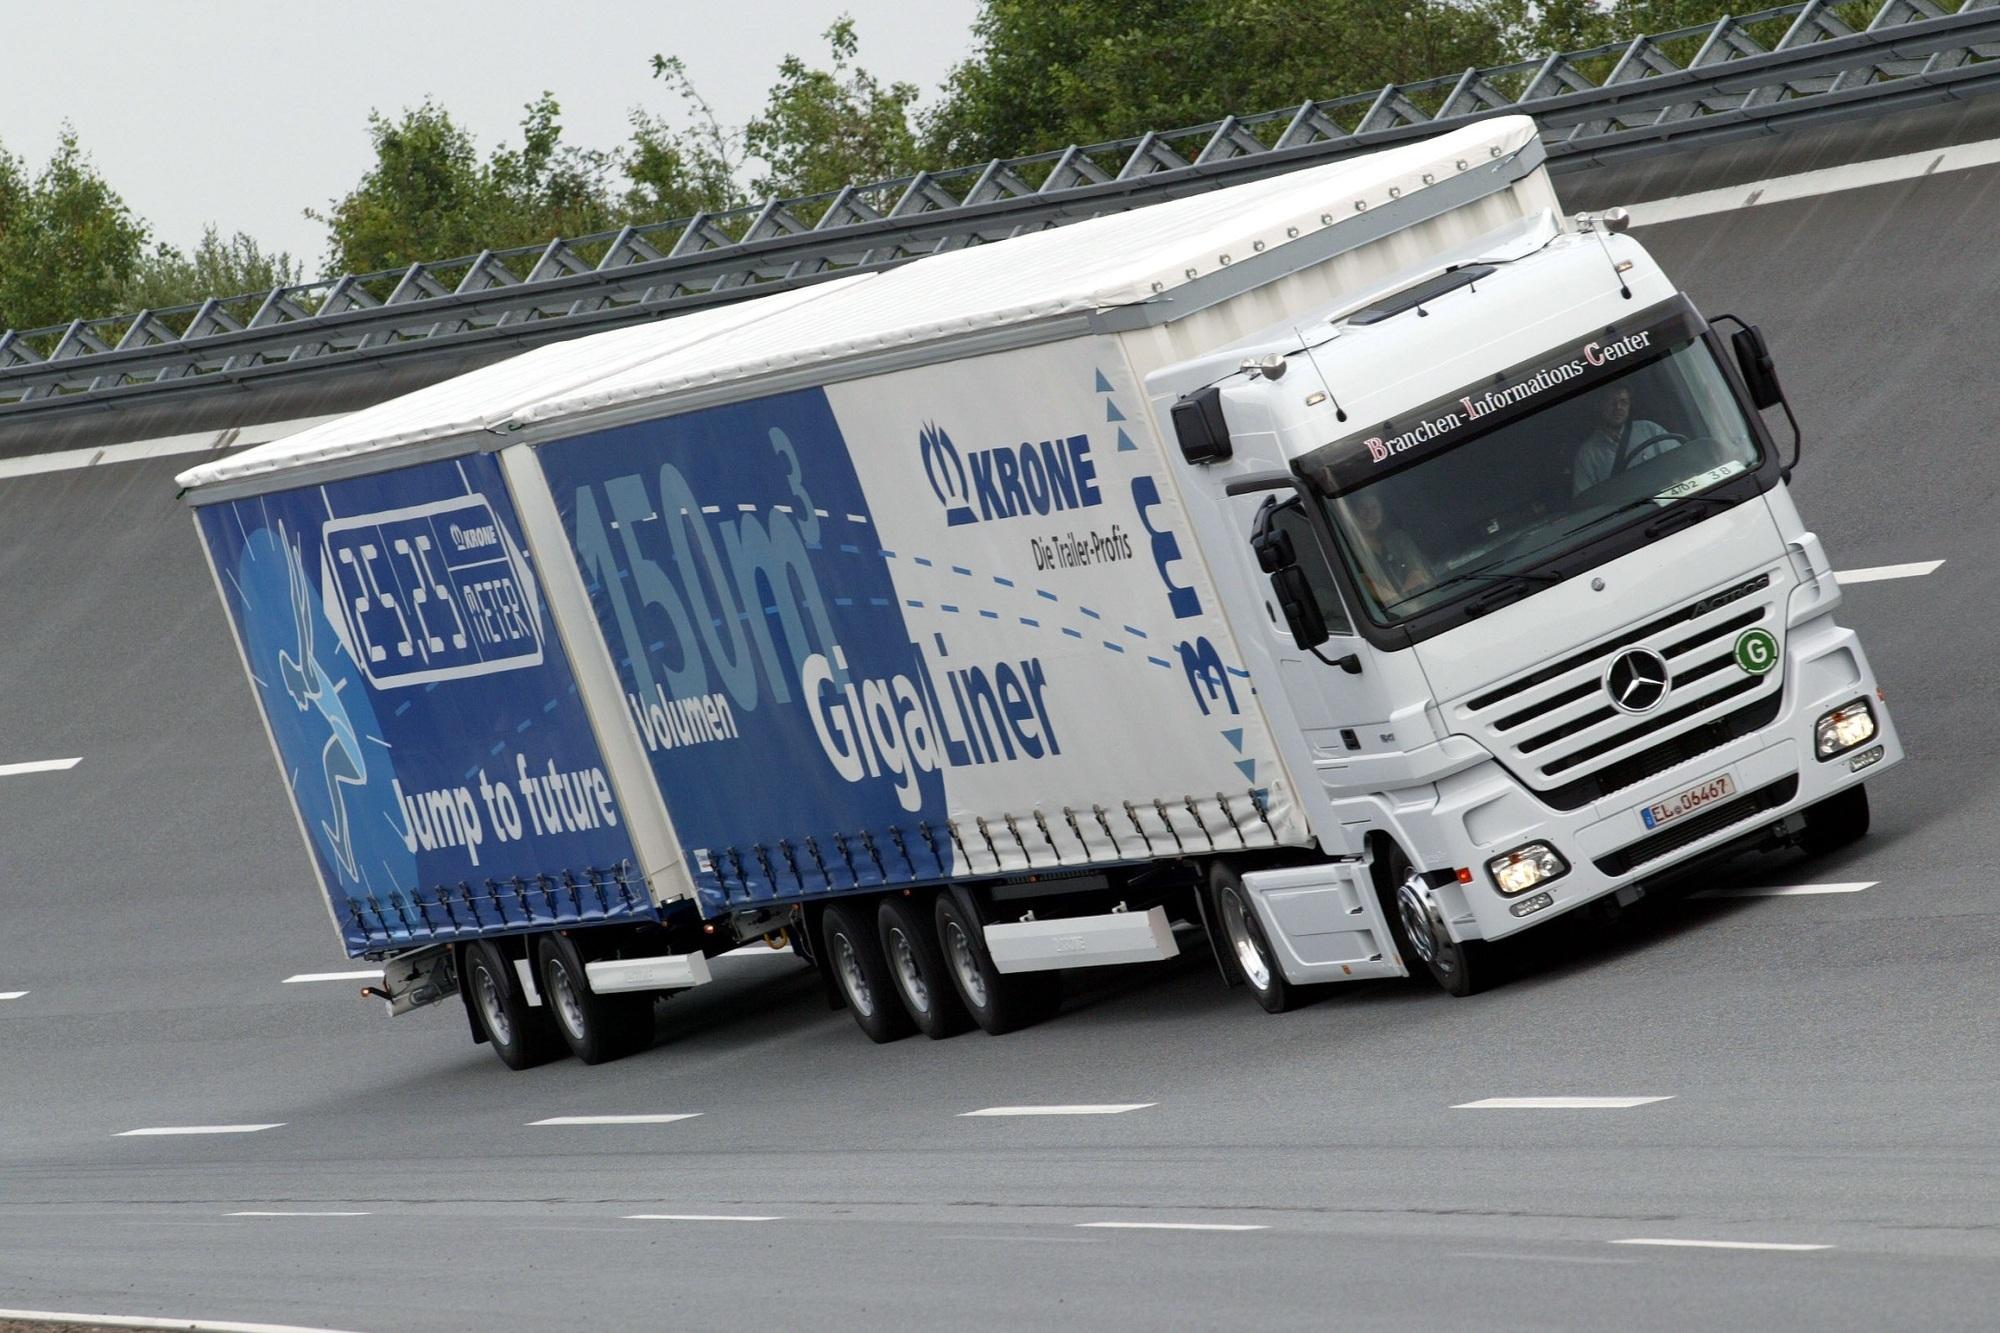 Steigendes Verkehrsaufkommen im Nutzfahrzeugbereich - Auf der Suche nach Verbesserungspotenzial